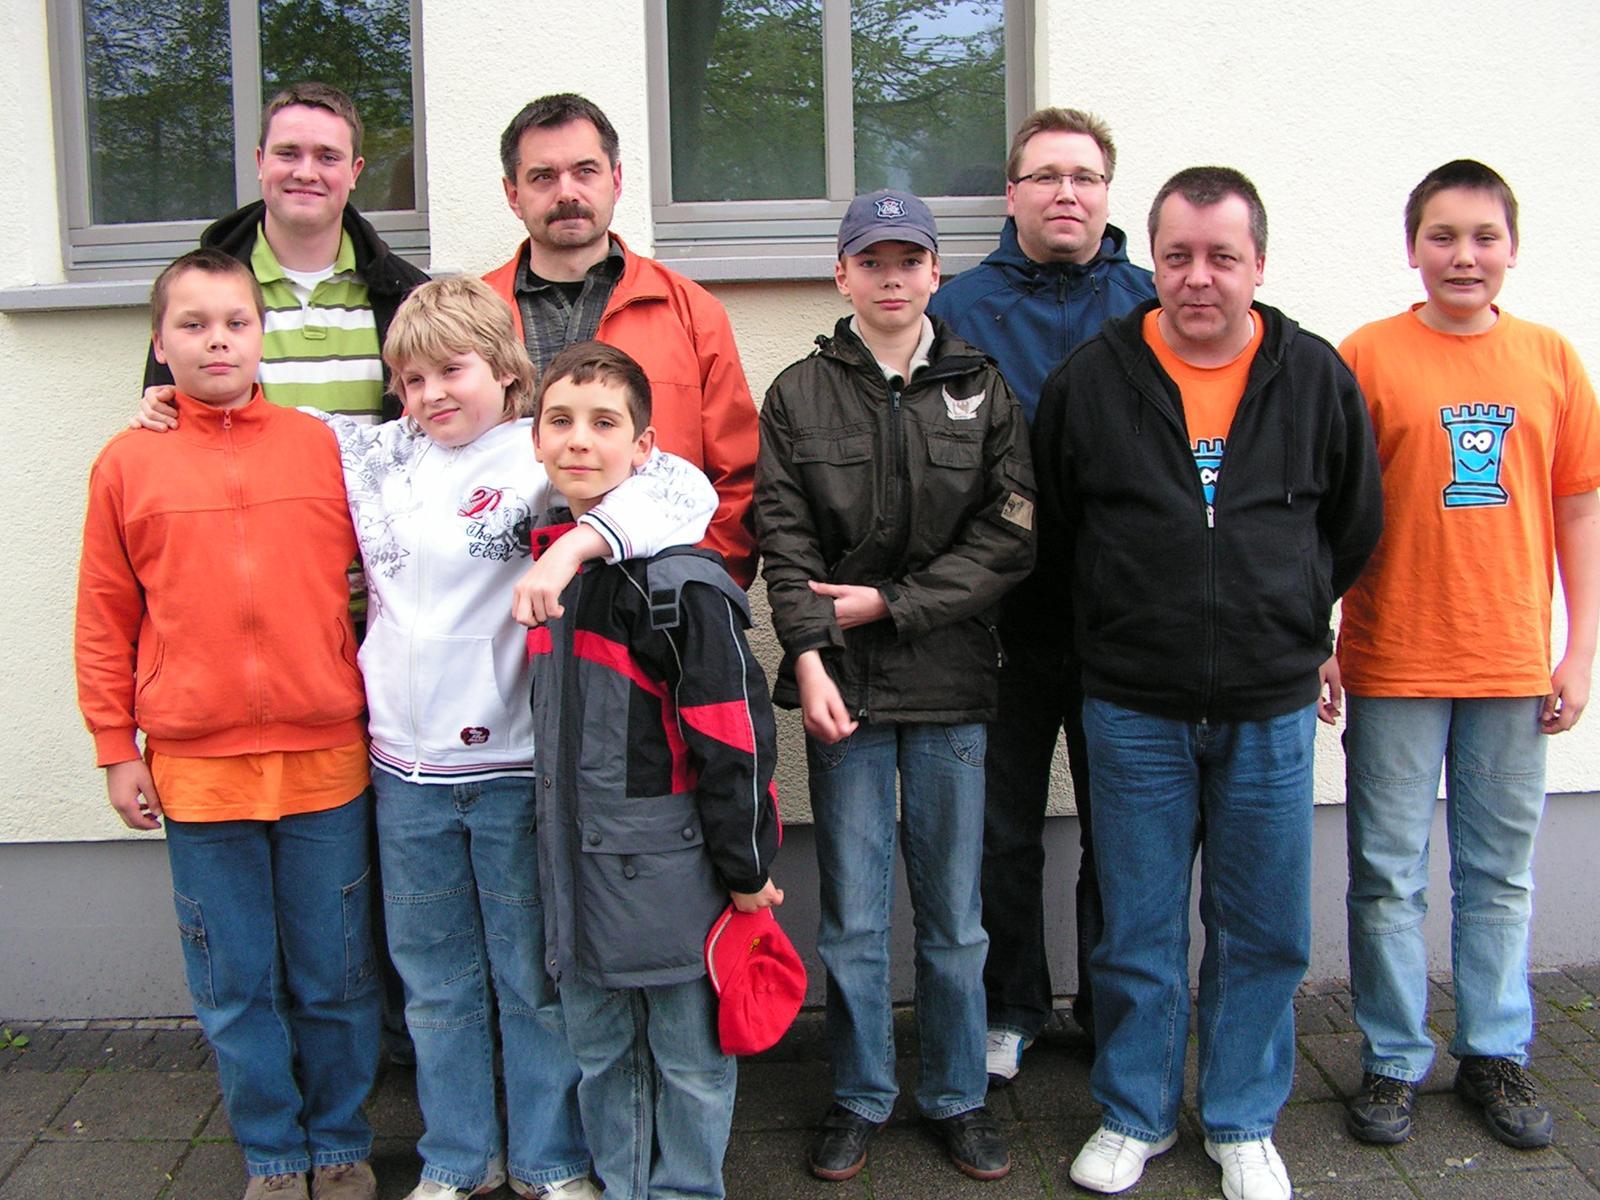 LEM Schnellschach 2010 Jugendschnellschachturnier Stralsund